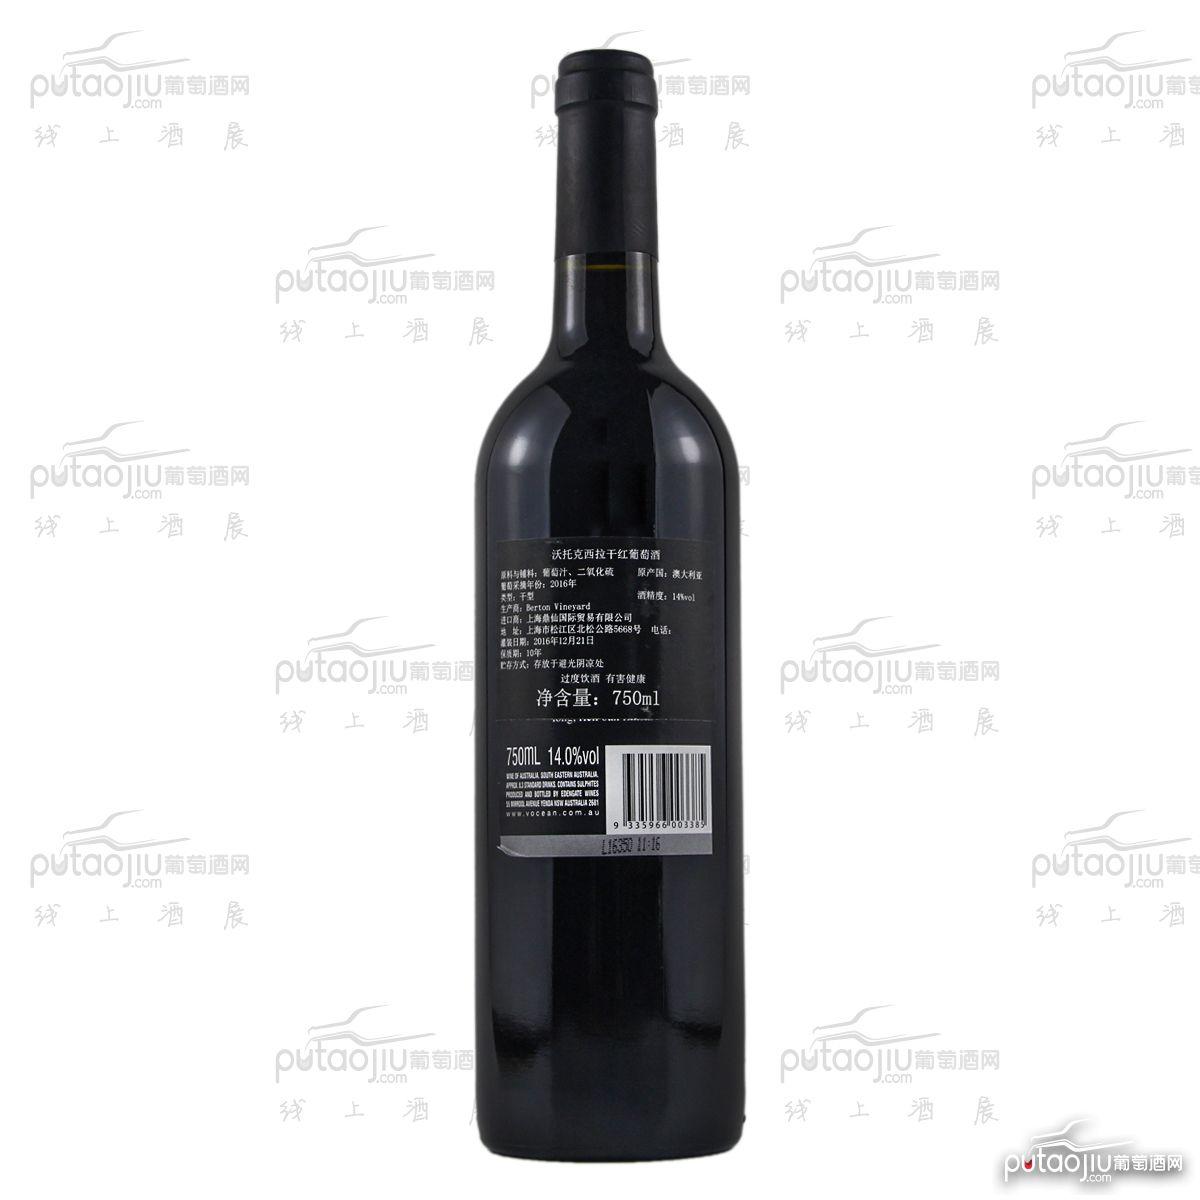 澳大利亚新南威尔士沃托克西拉干红葡萄酒